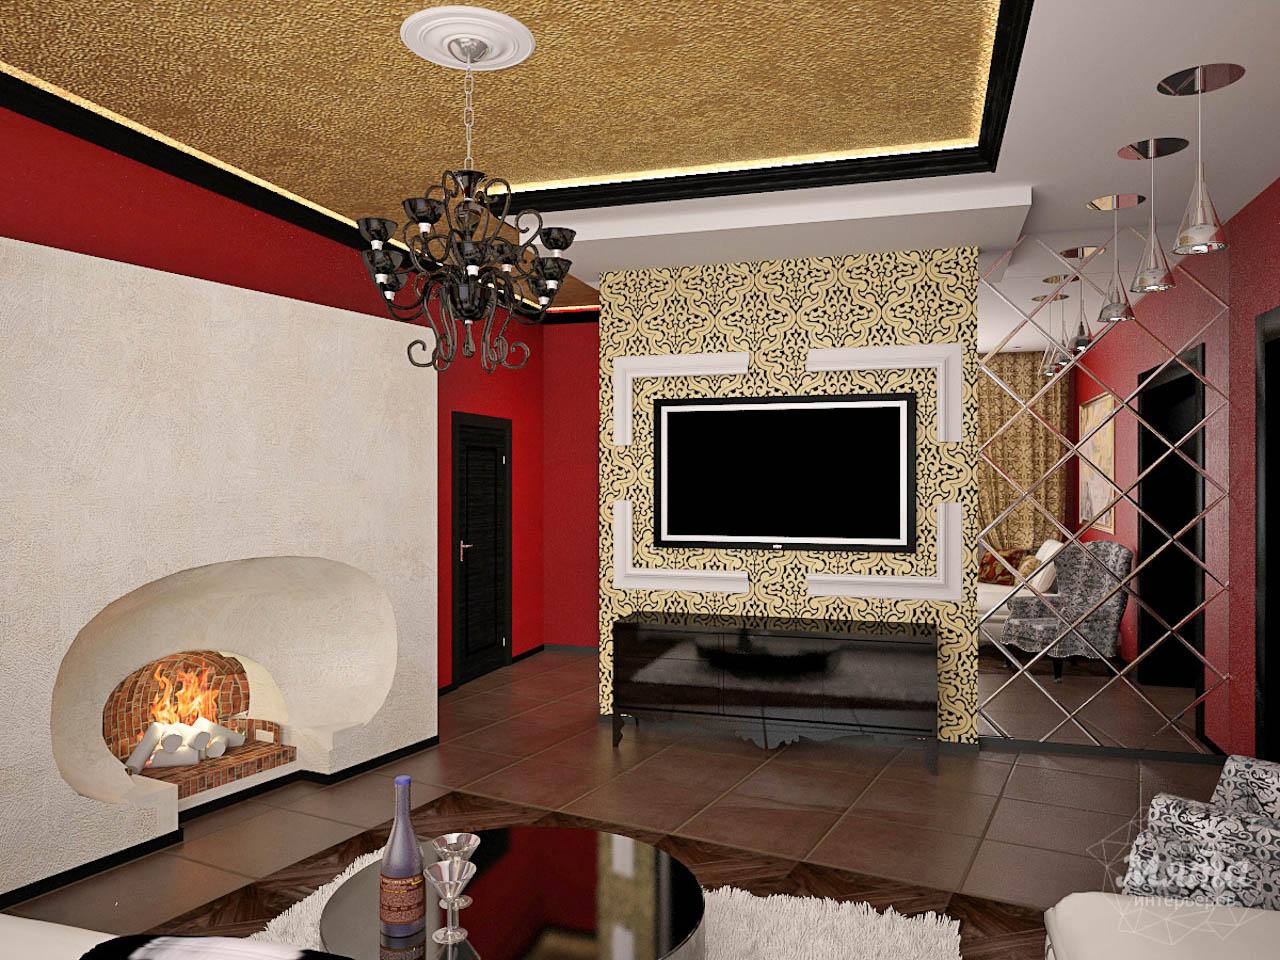 Дизайн интерьера коттеджа первого этажа по ул. Урожайная 17 img140104877